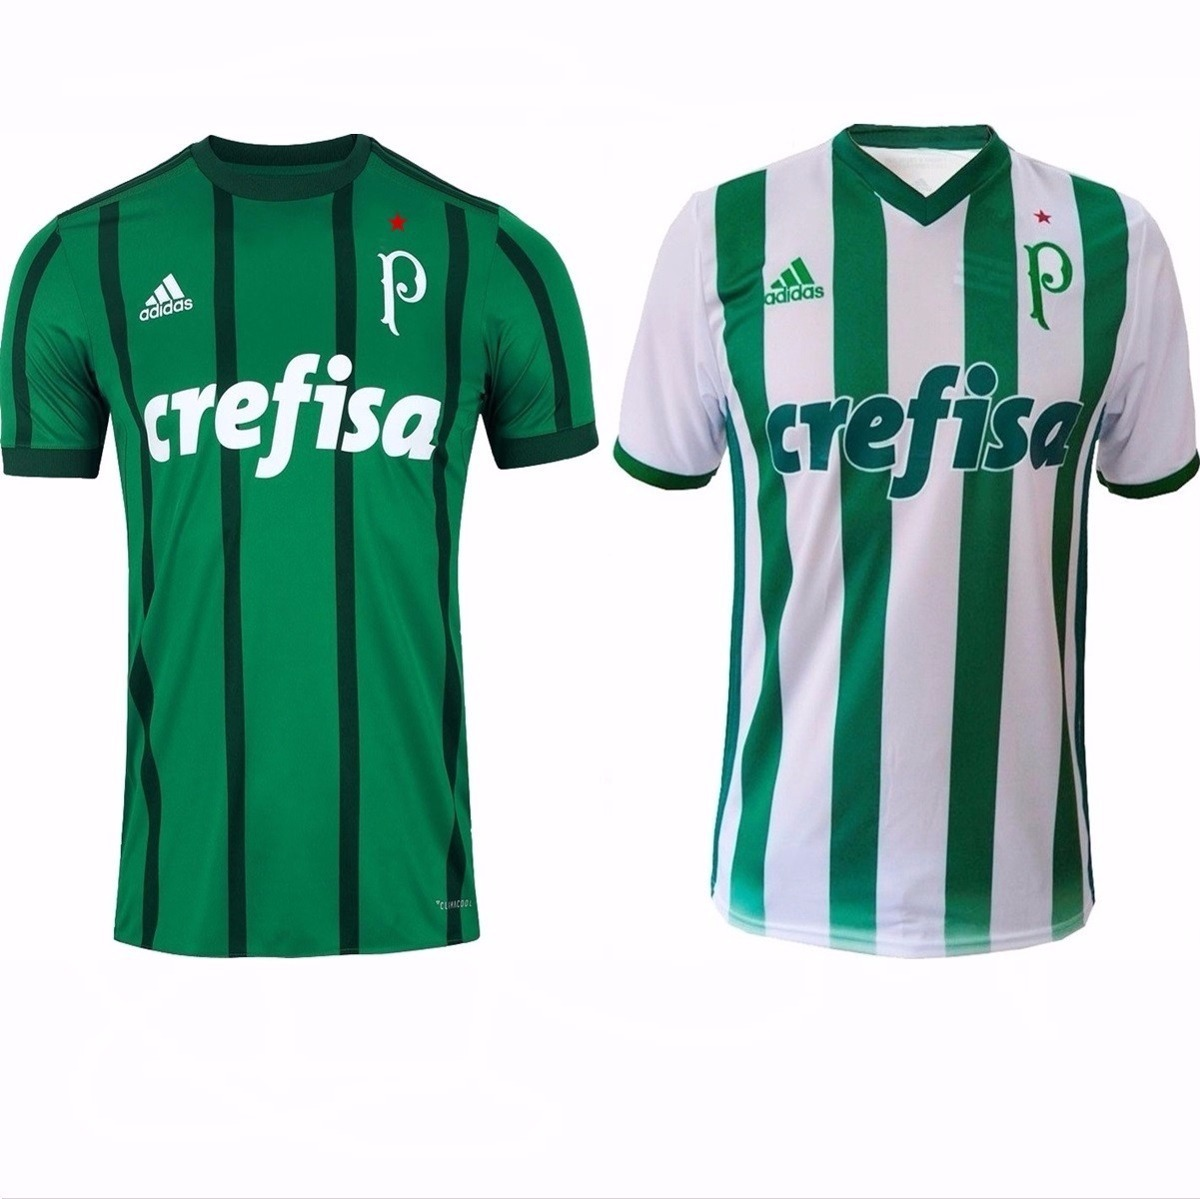 08859cd8a062b 2 Camisas Do Palmeiras 2017 Temporada Nova E Frete Grátis - R  180 ...